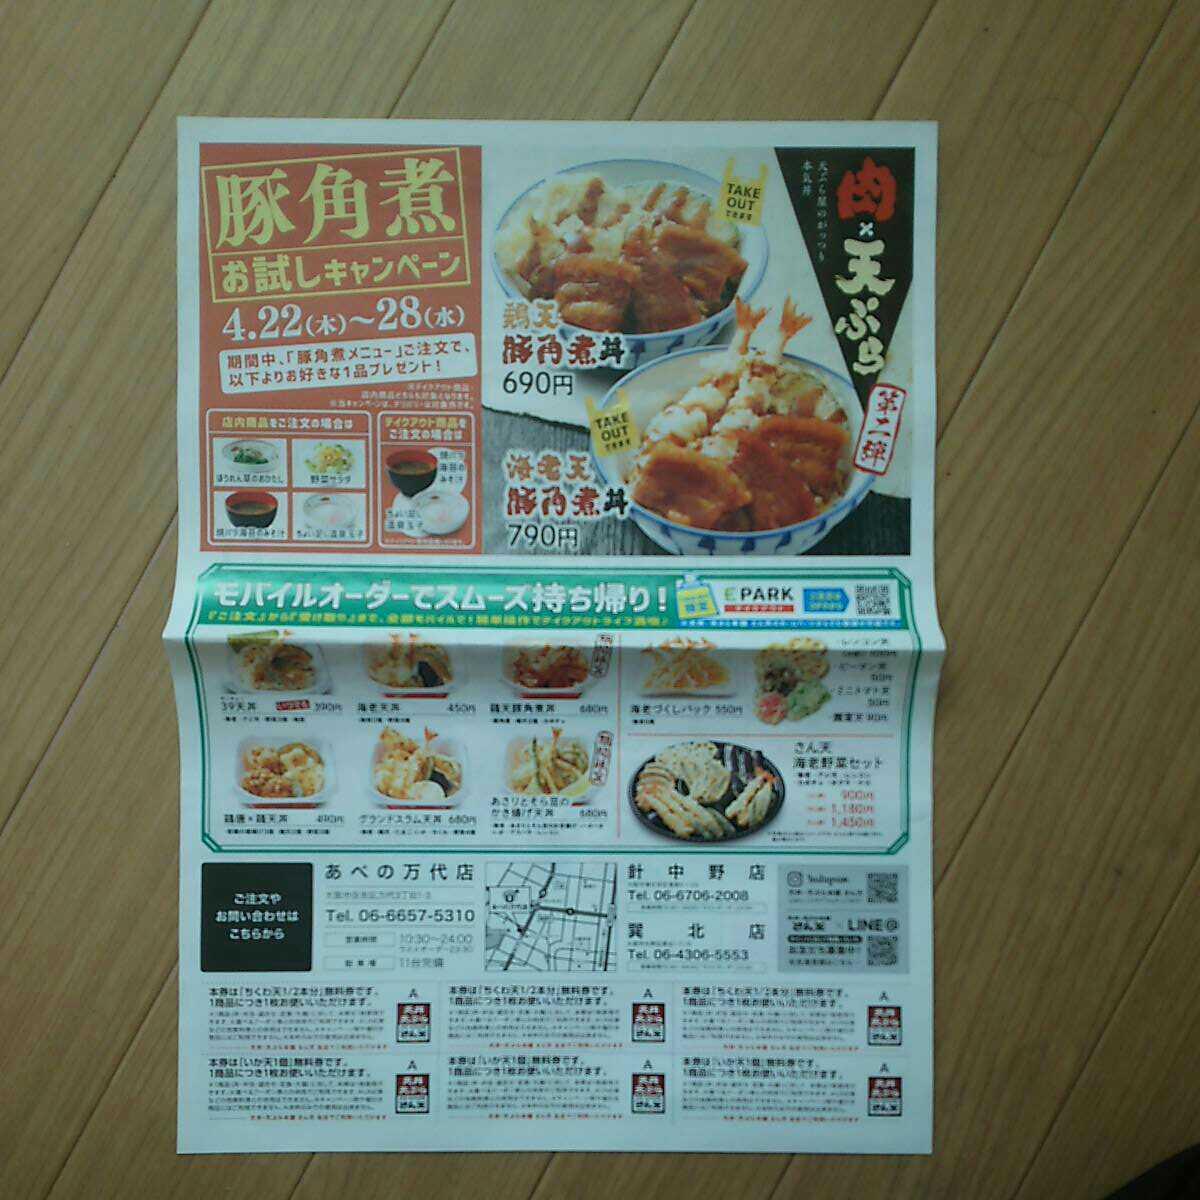 天丼・天ぷら本舗 さん天クーポン 店内・テイクアウト共通 ちくわ天1/2本分、いか天1個無料券付き広告紙 有効期限:2021.6/30(水)迄_画像3